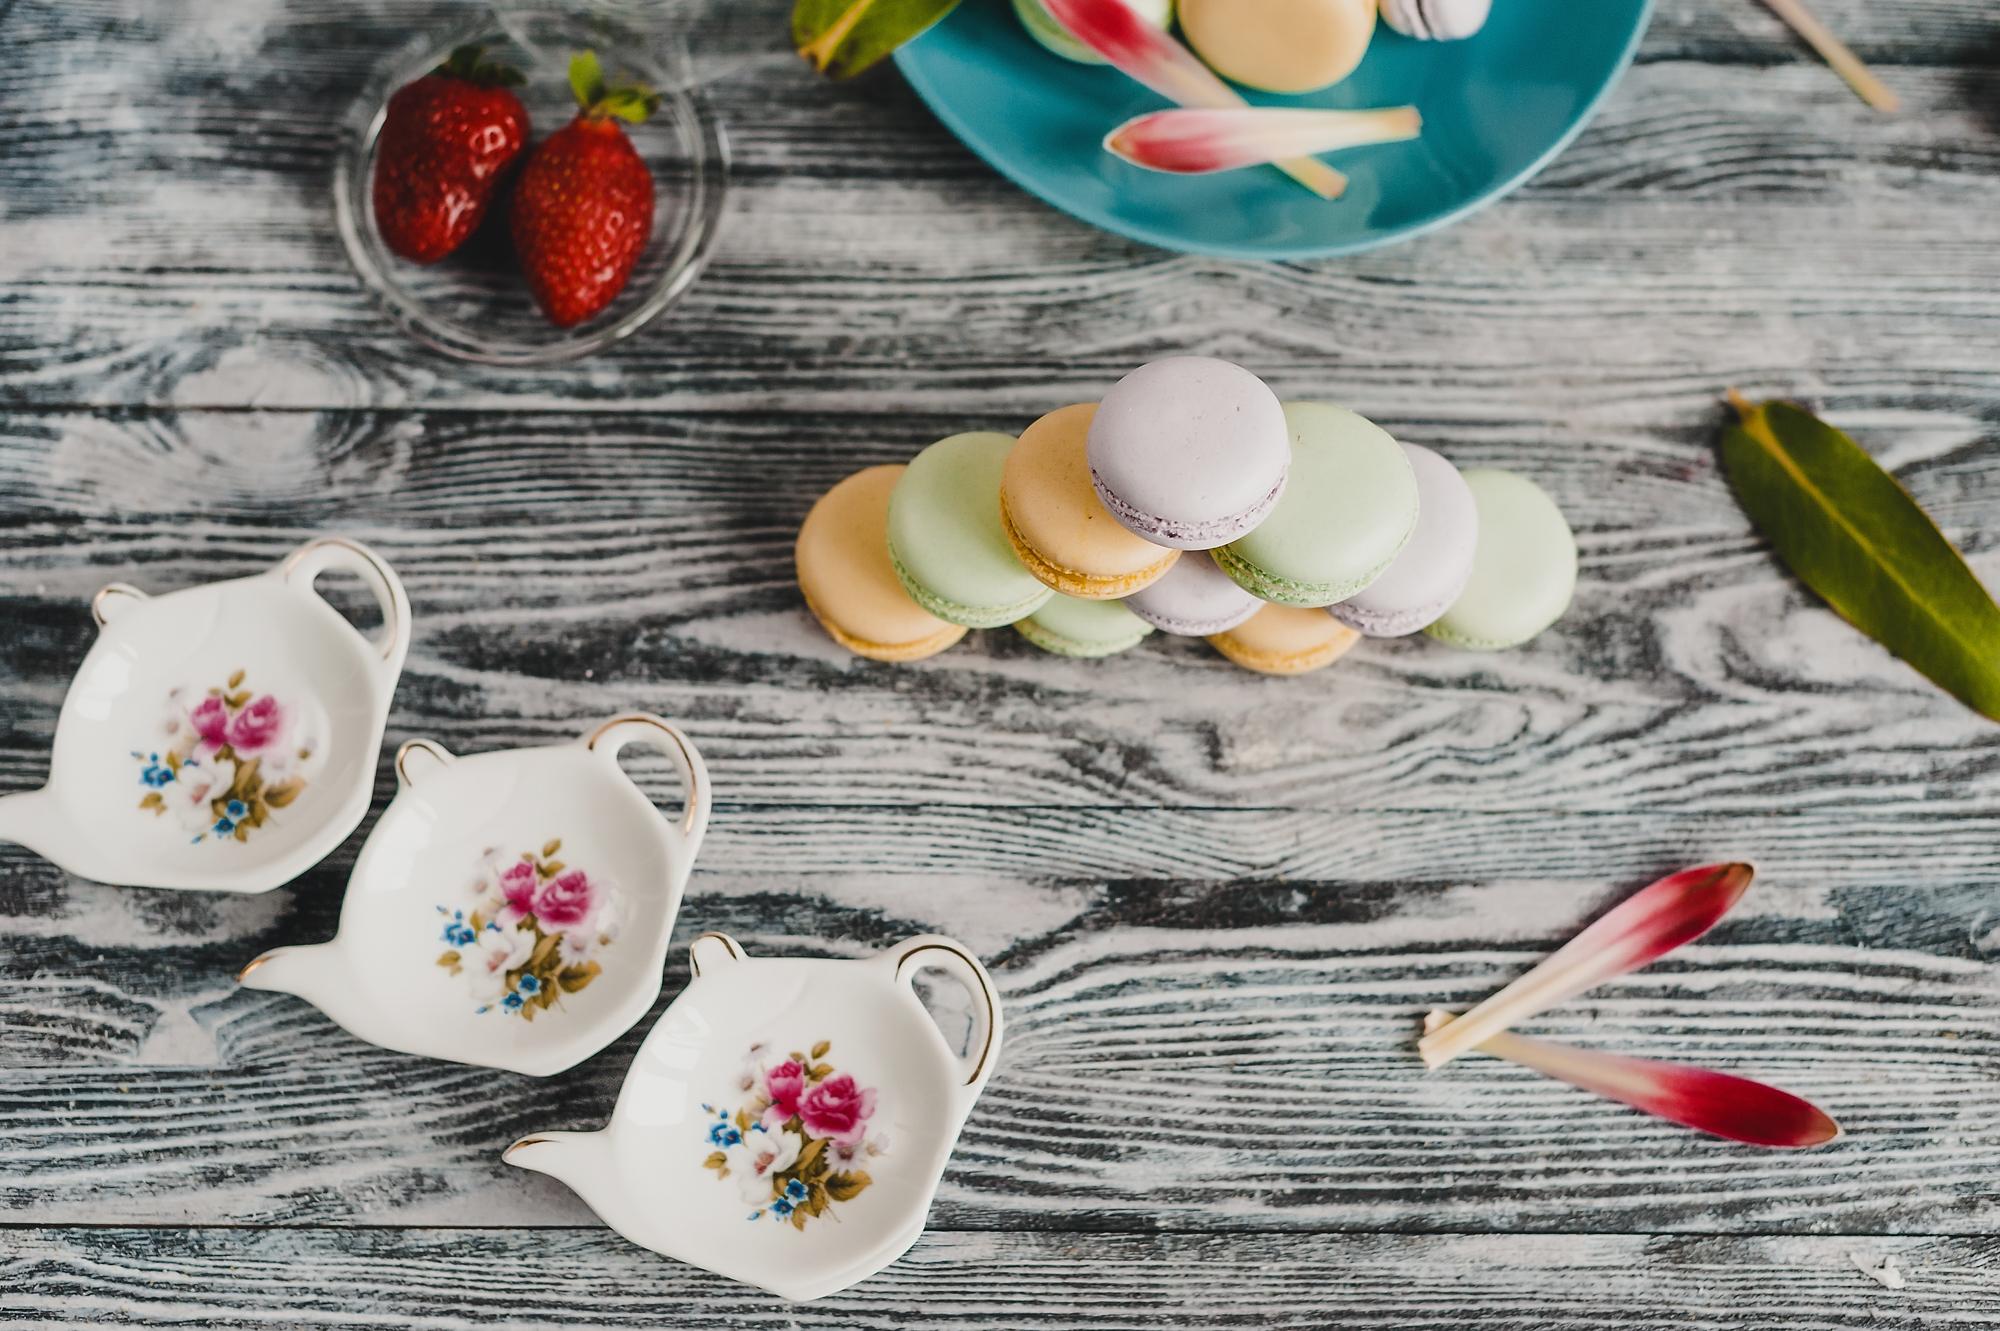 посуда для фотосъемки еды время